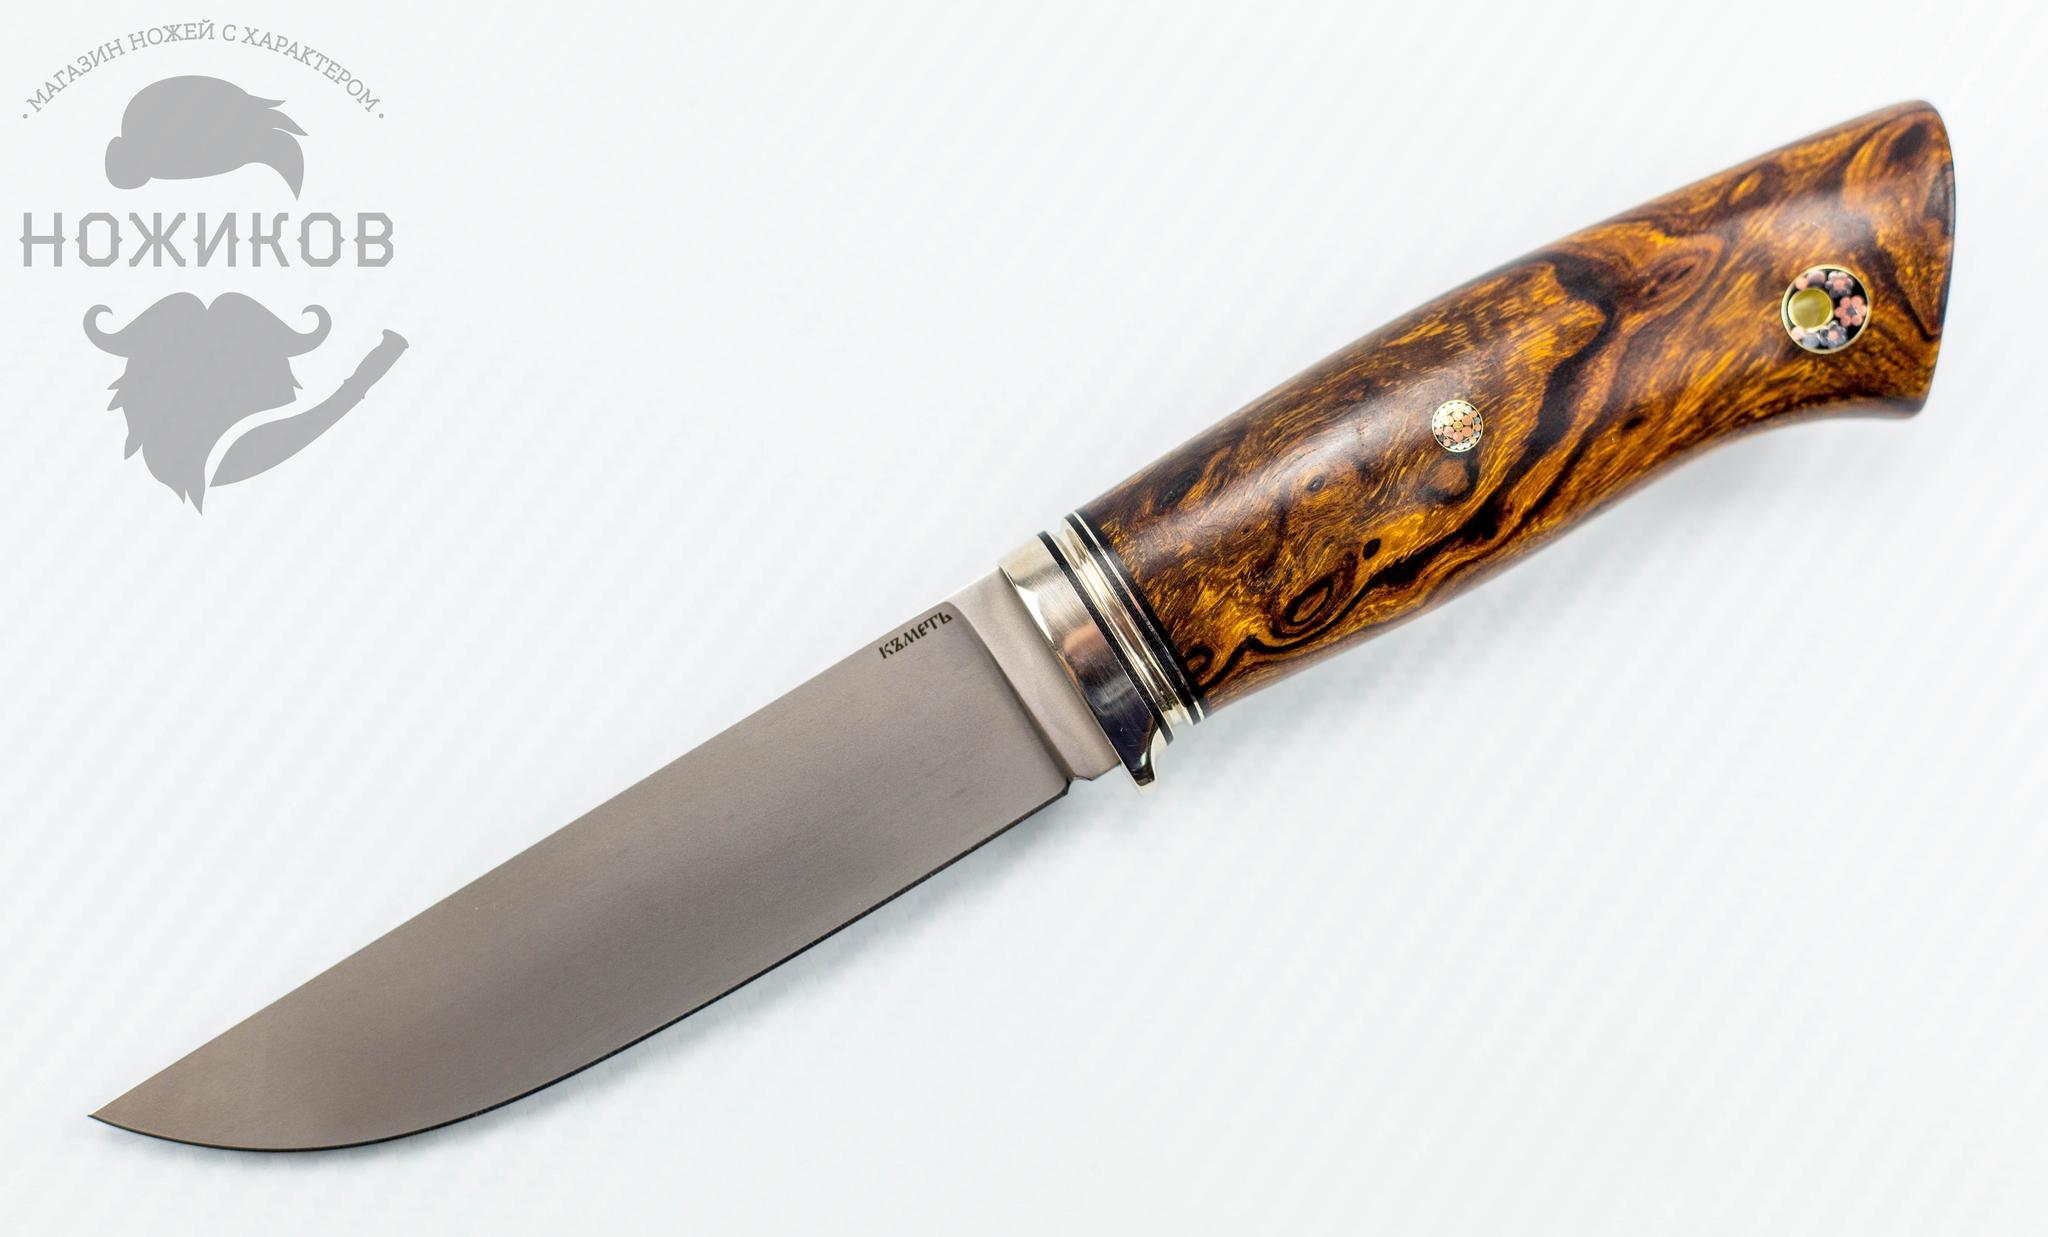 Нож Панцуй, CPM S125V, рукоять железное дерево от ПФК Витязь